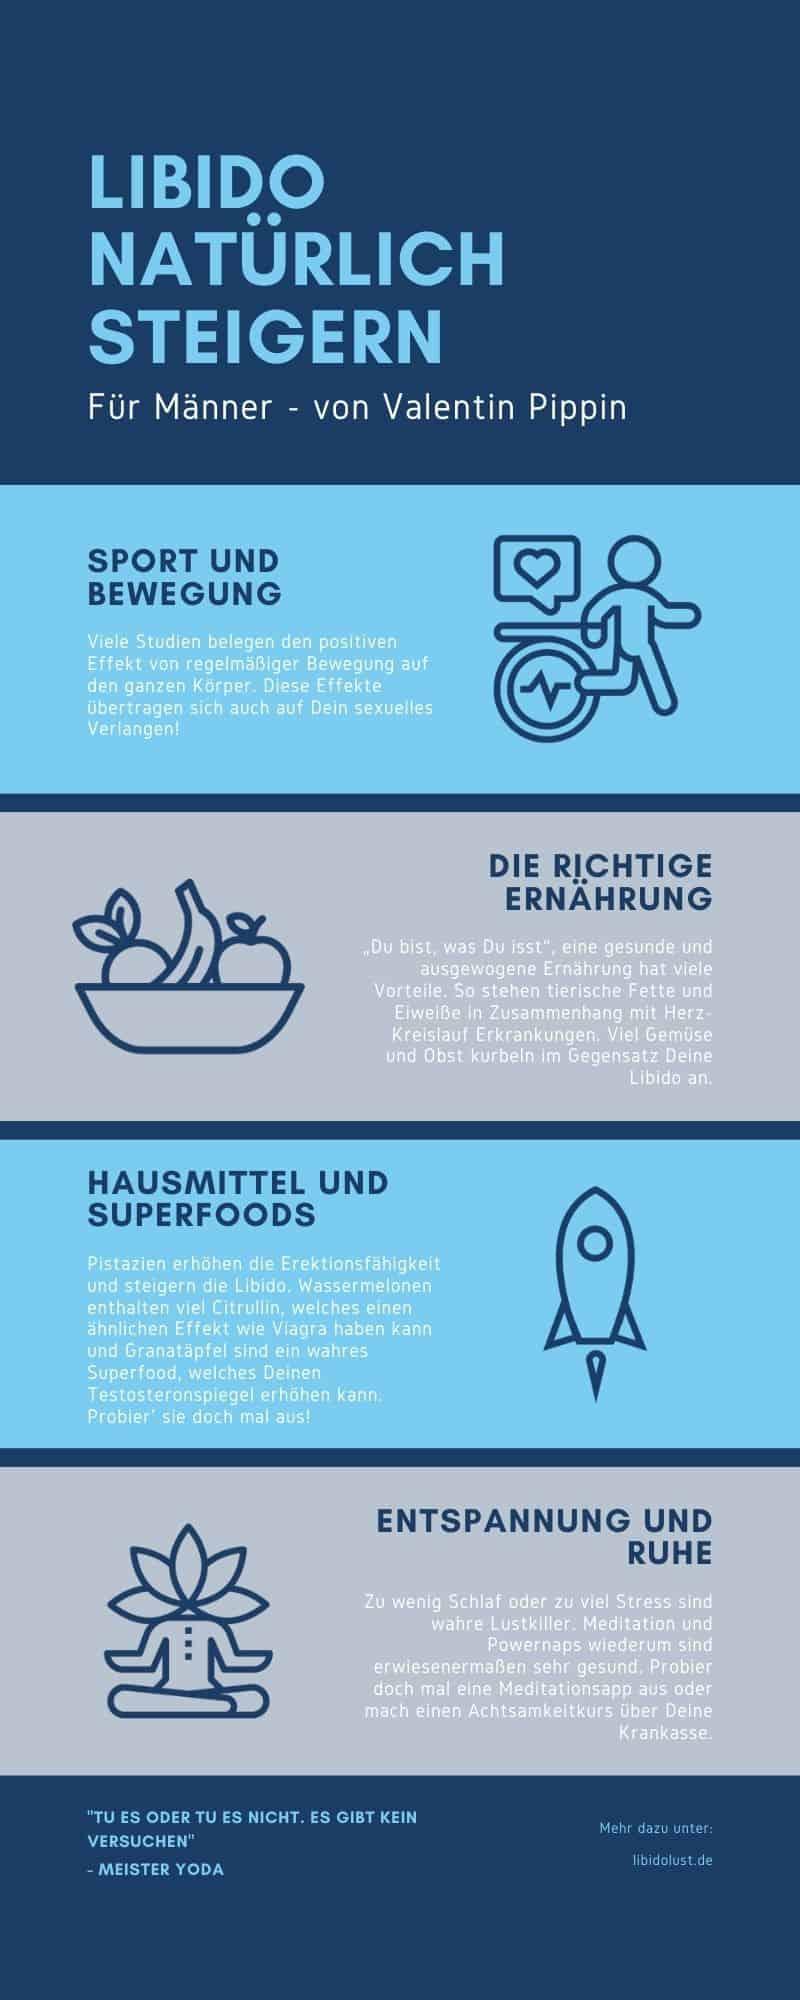 Libido natürlich Steigern: Sport und Bewegung, Die richtige Ernährung, Hausmittel und Superfoods, Entspannung und Ruhe.